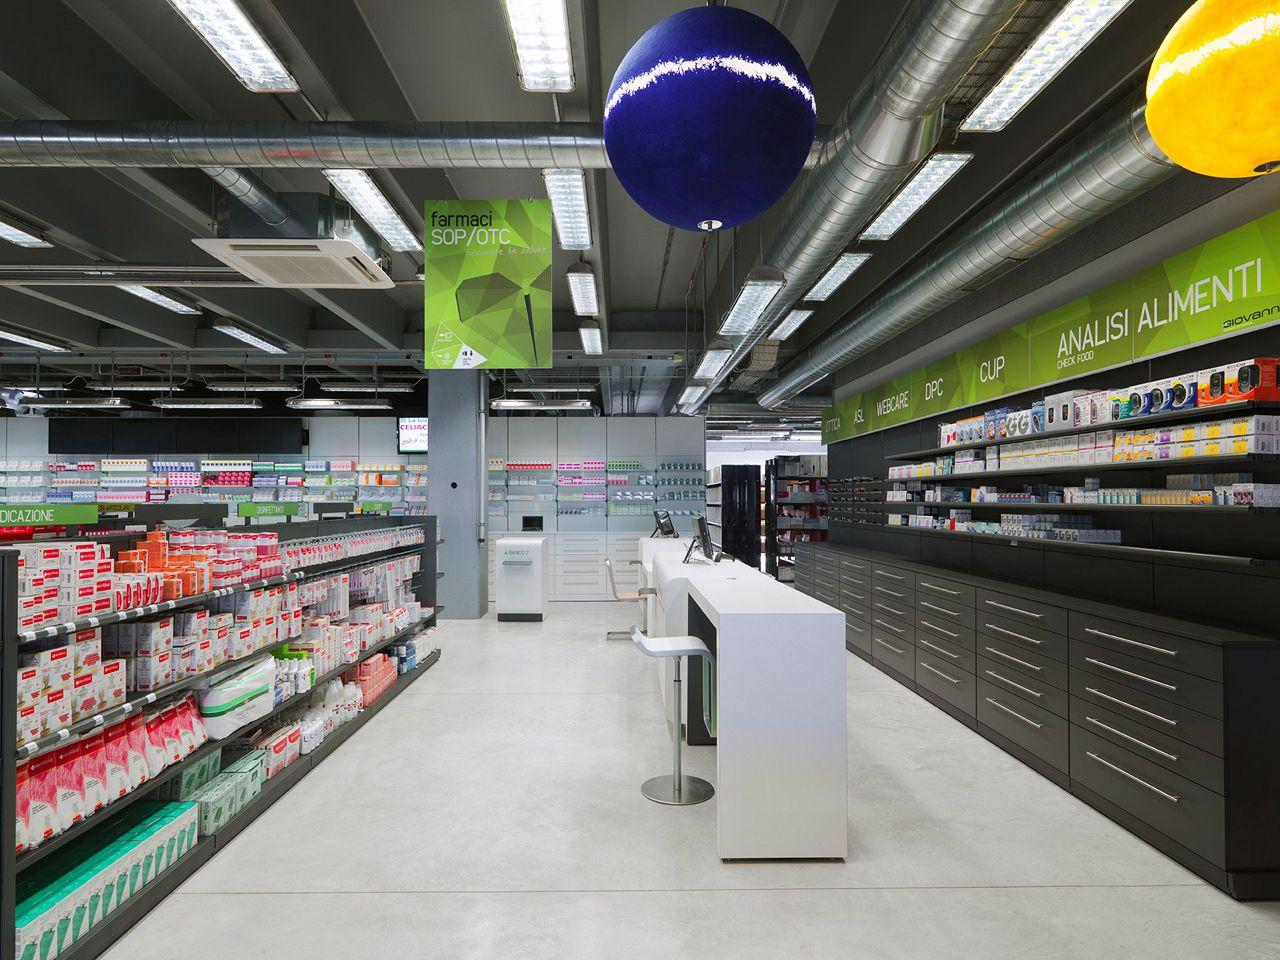 farmacia giovannoli castiglione delle stiviere mantova Mobil M arredamenti per farmacie farmacia dei servizi (5)